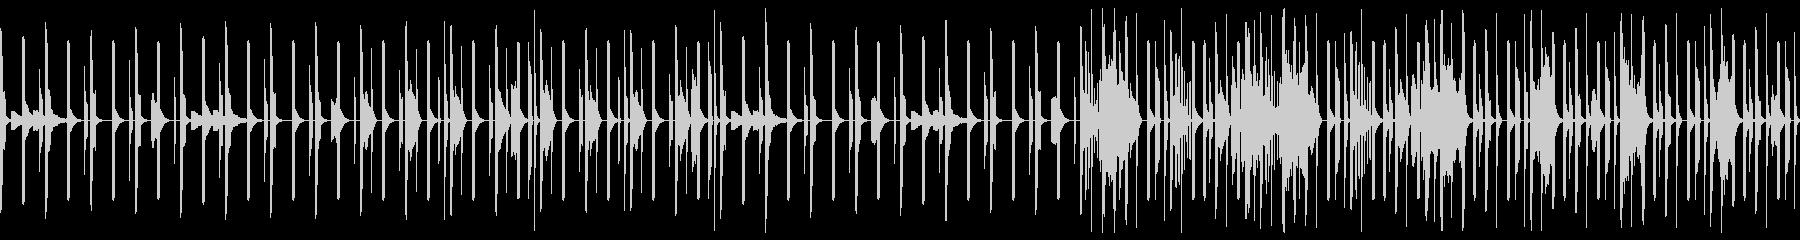 夜をイメージしたテクノ ループの未再生の波形